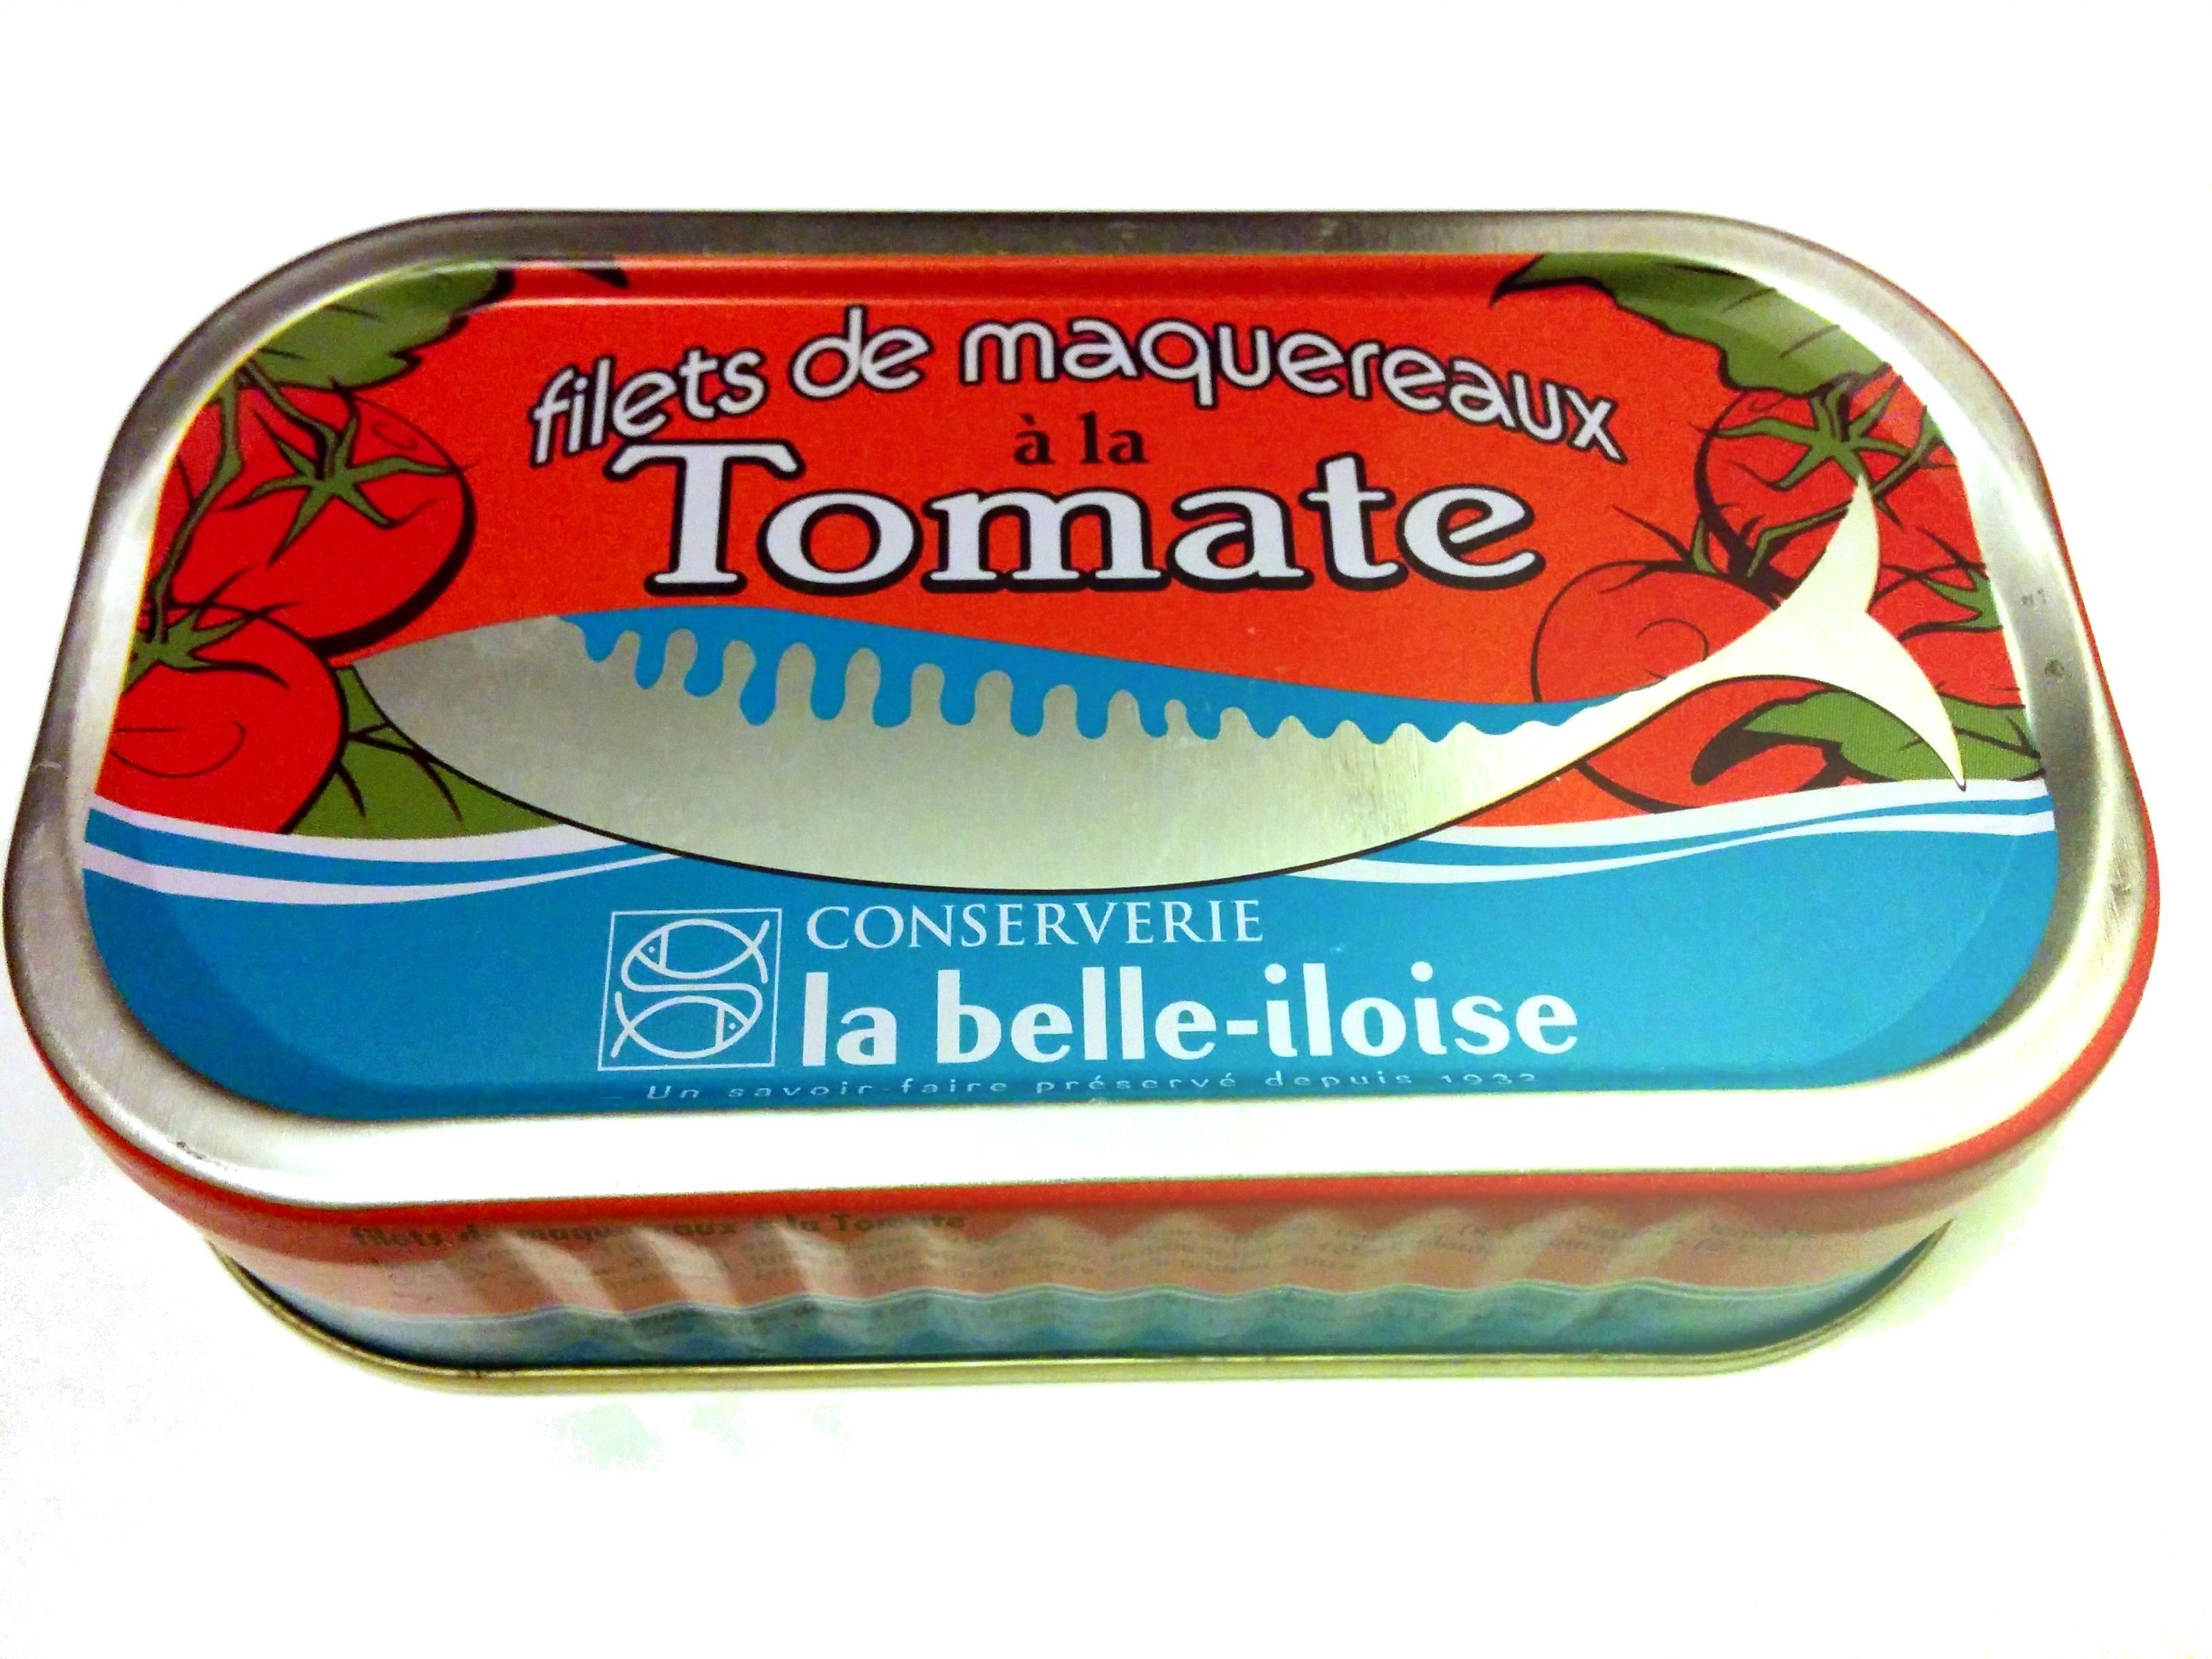 Filets de maquereaux à la tomate - Product - fr